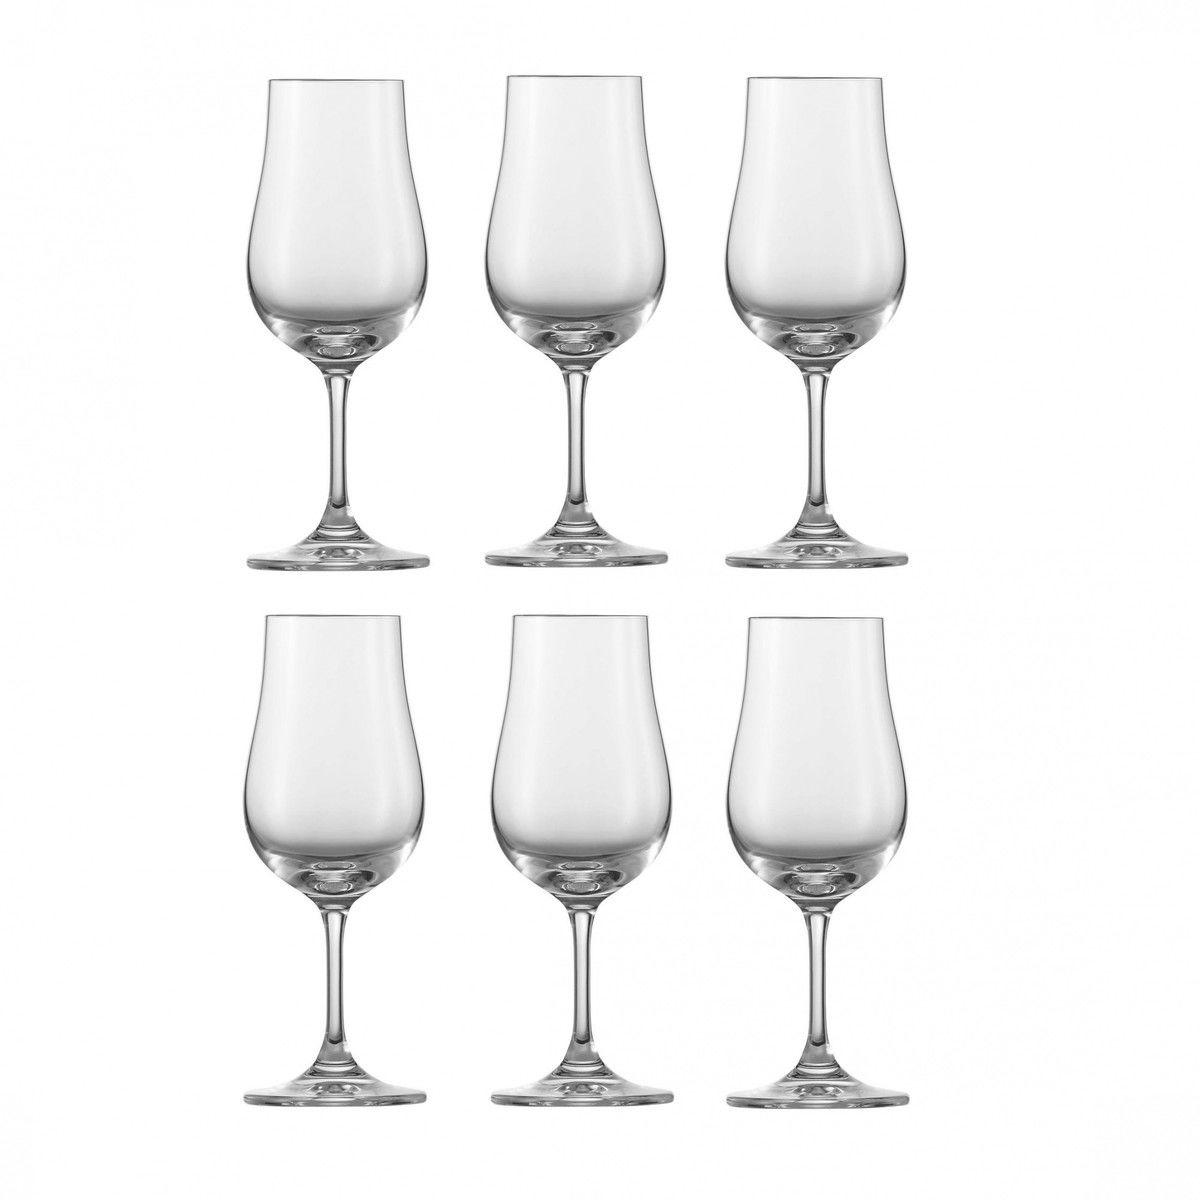 bar special whisky nosing glass set of   schott zwiesel  - schott zwiesel  bar special whisky nosing glass set of  transparentml